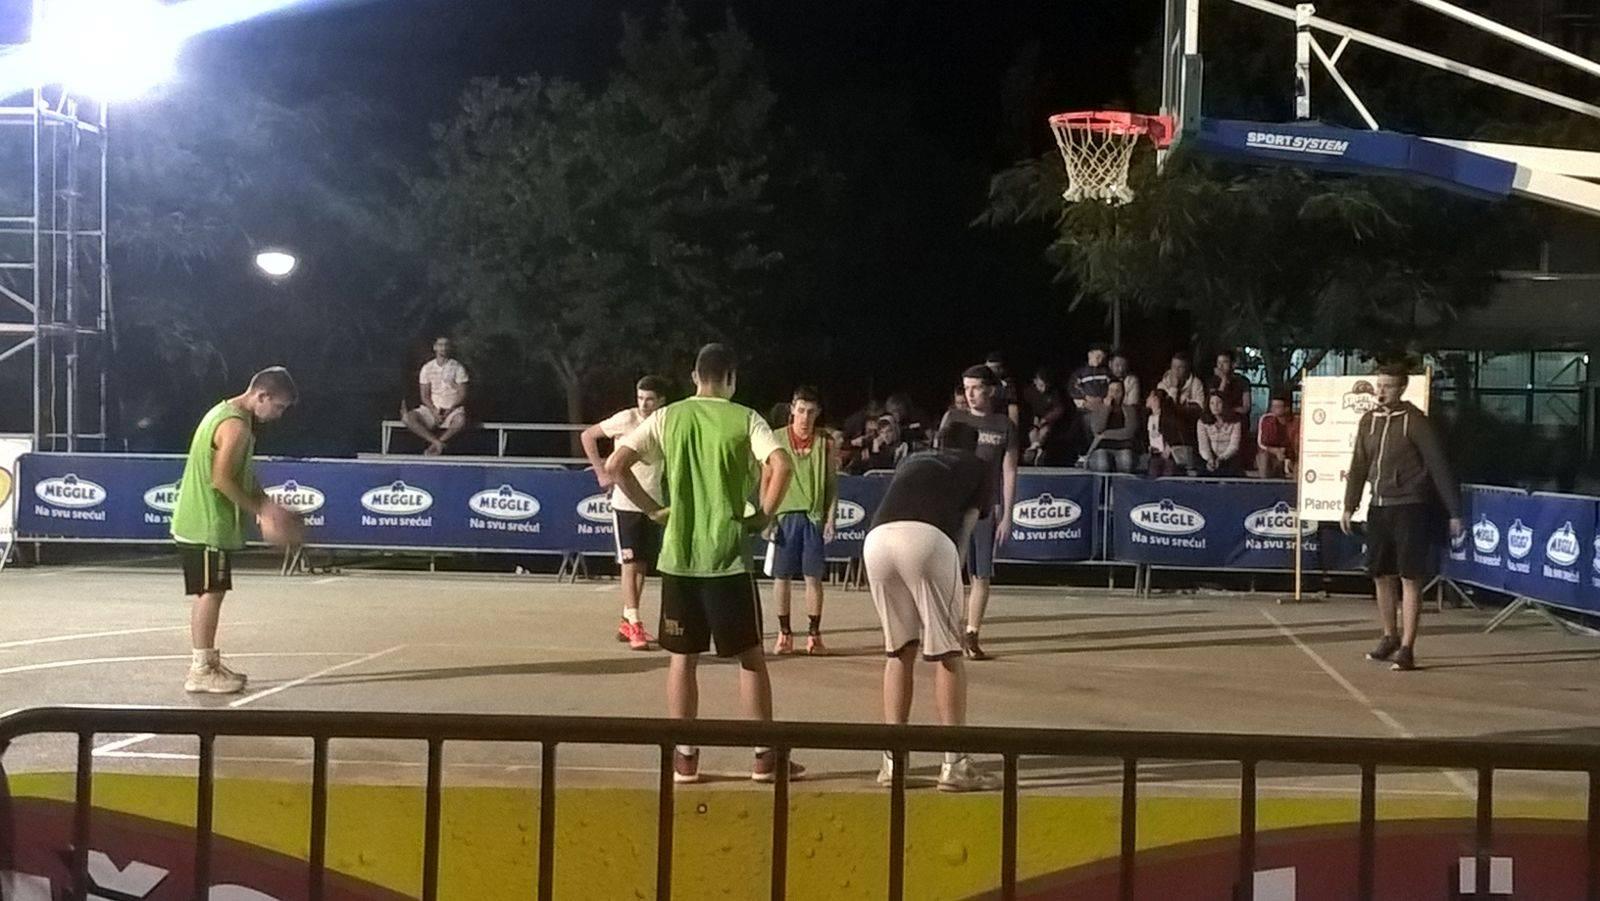 Uspješno privedena kraju i druga večer Streetballa